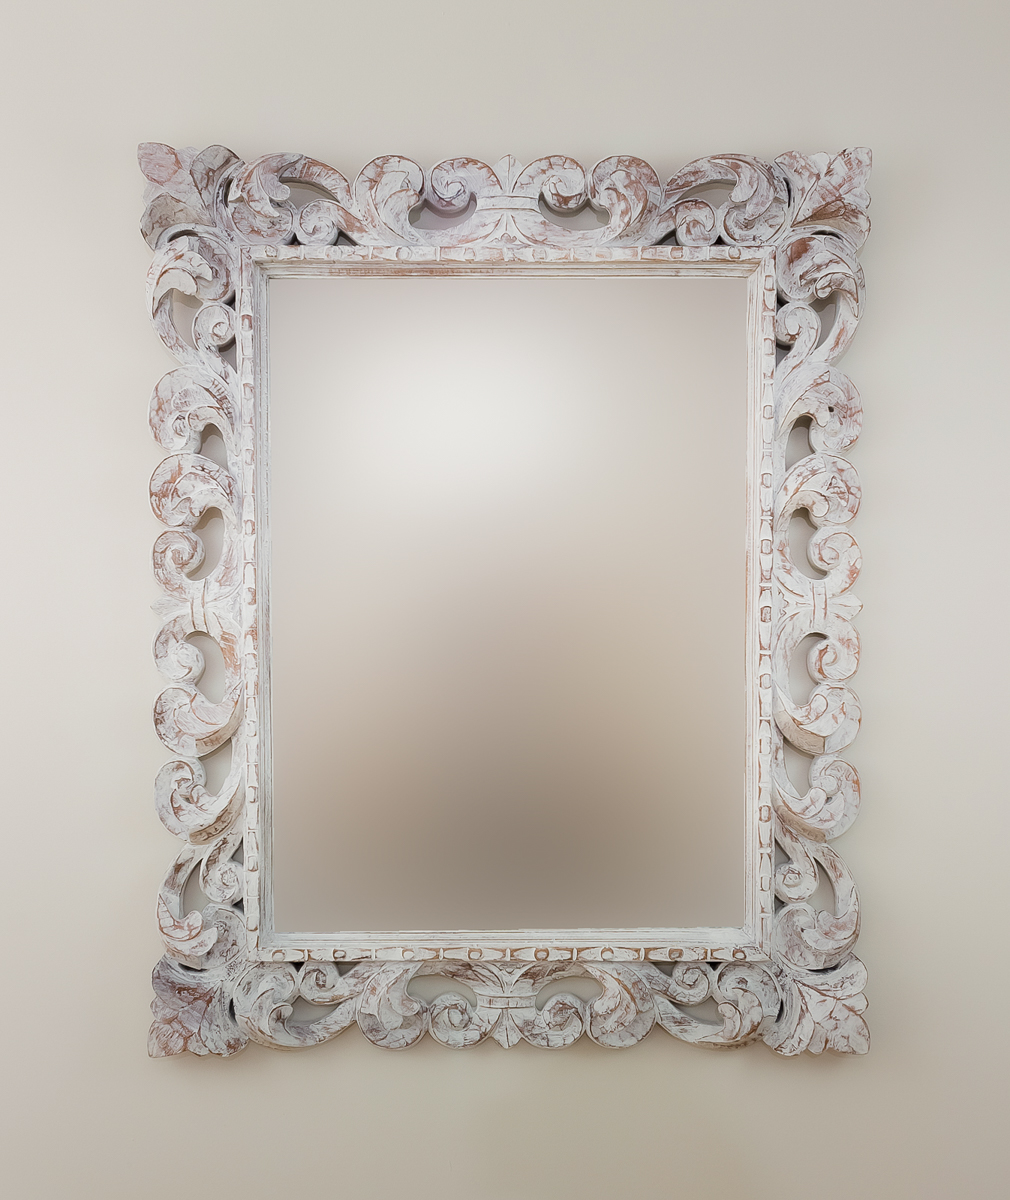 Espejo decorativo de pared en madera tommy blanco envejecido for Espejo blanco envejecido